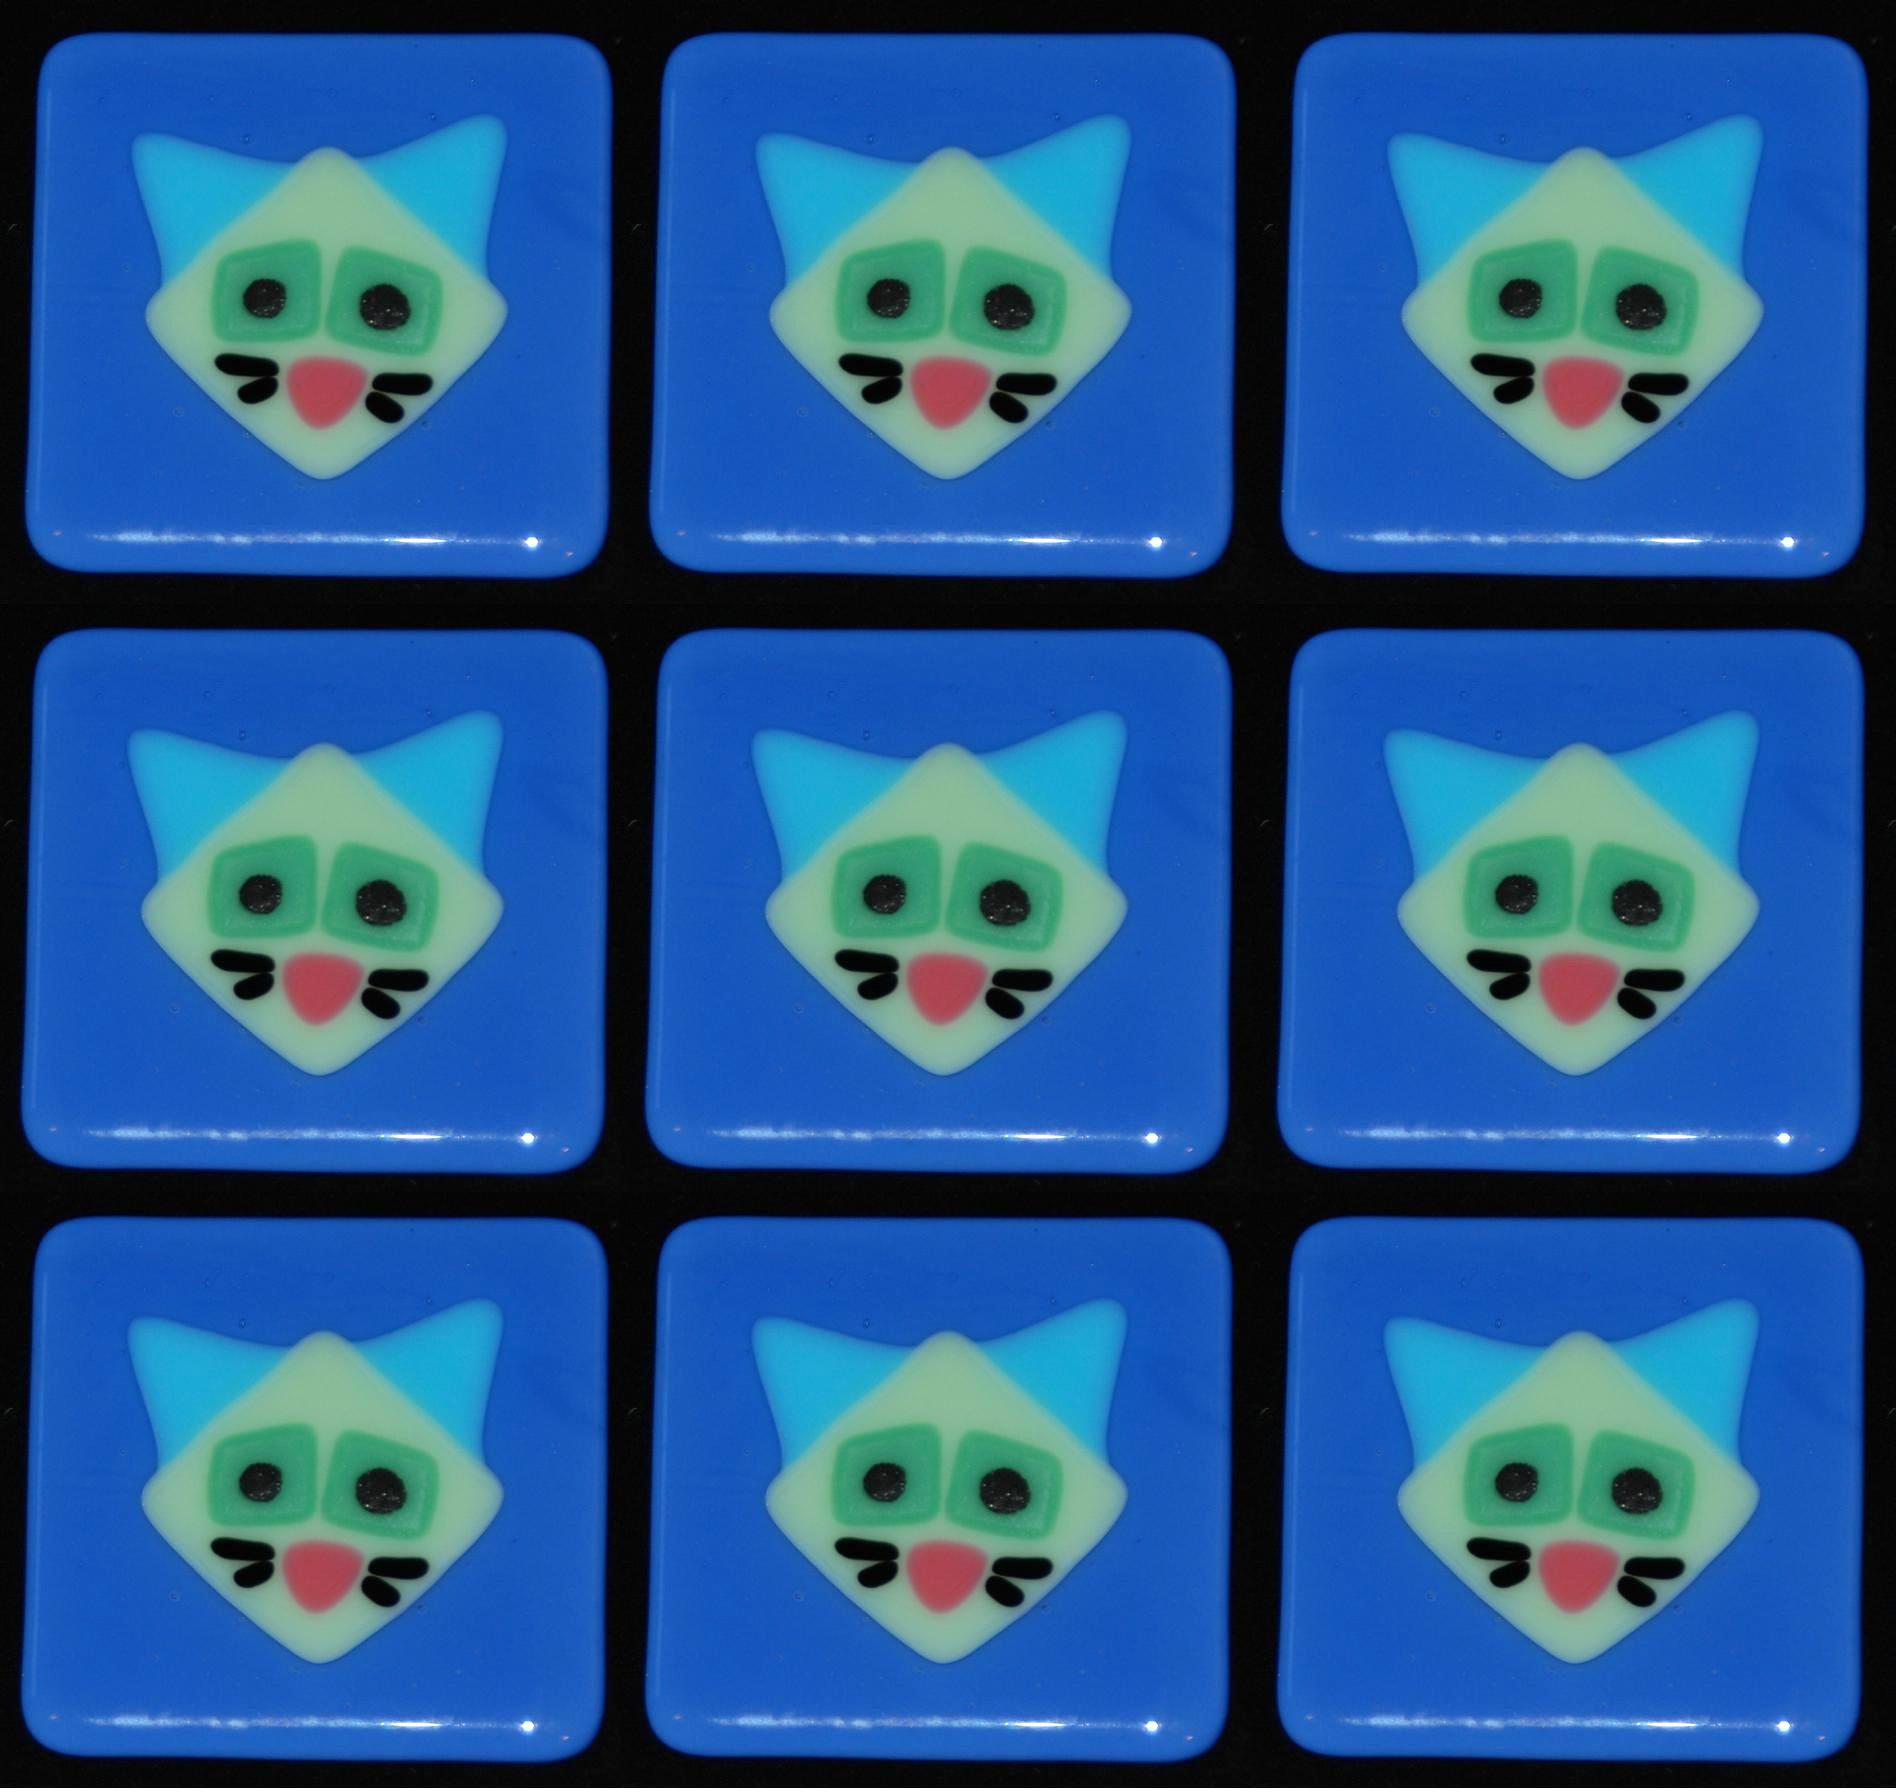 tile mint on blue tiles.jpg